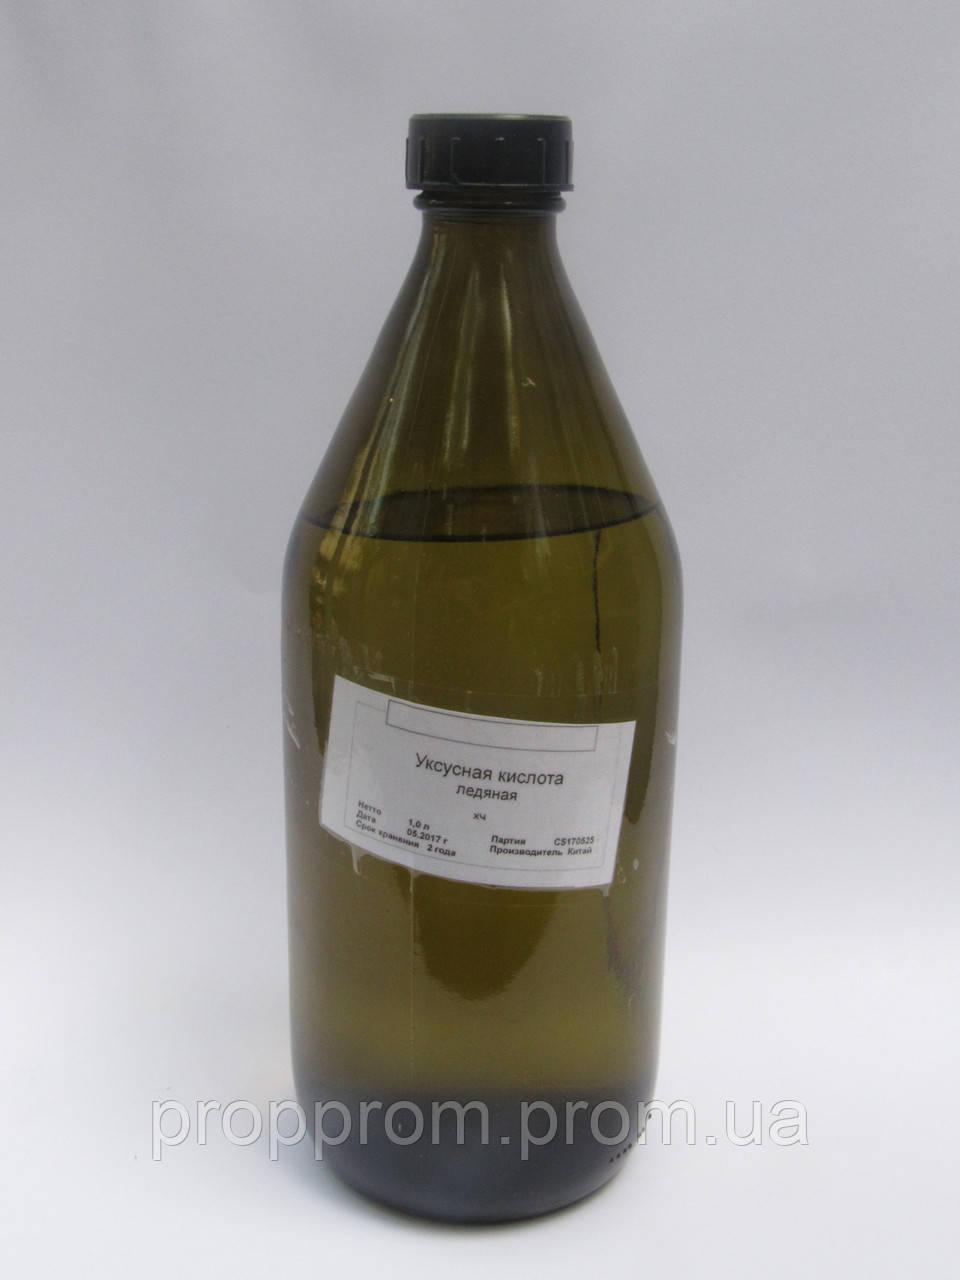 Ледяная Уксусная кислота 1л (стекло)